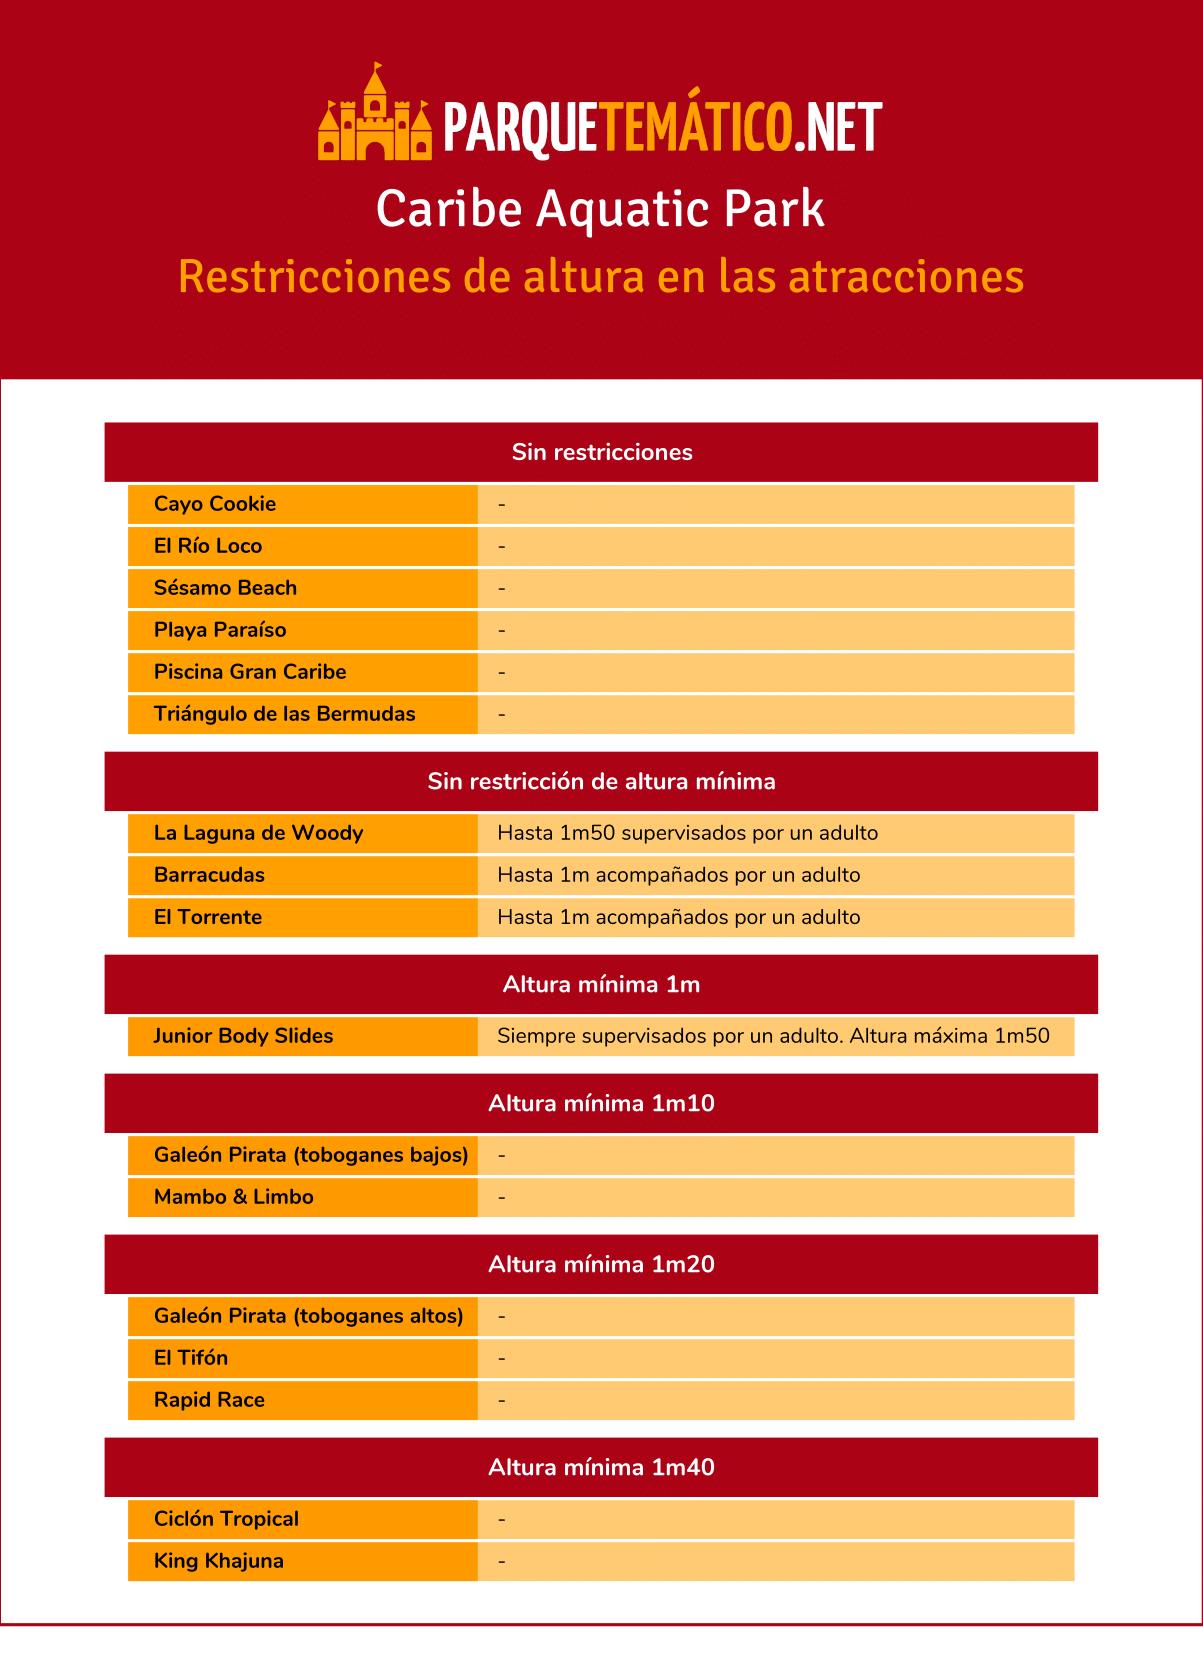 Restricciones de altura en las atracciones de Caribe Aquatic Park en PortAventura